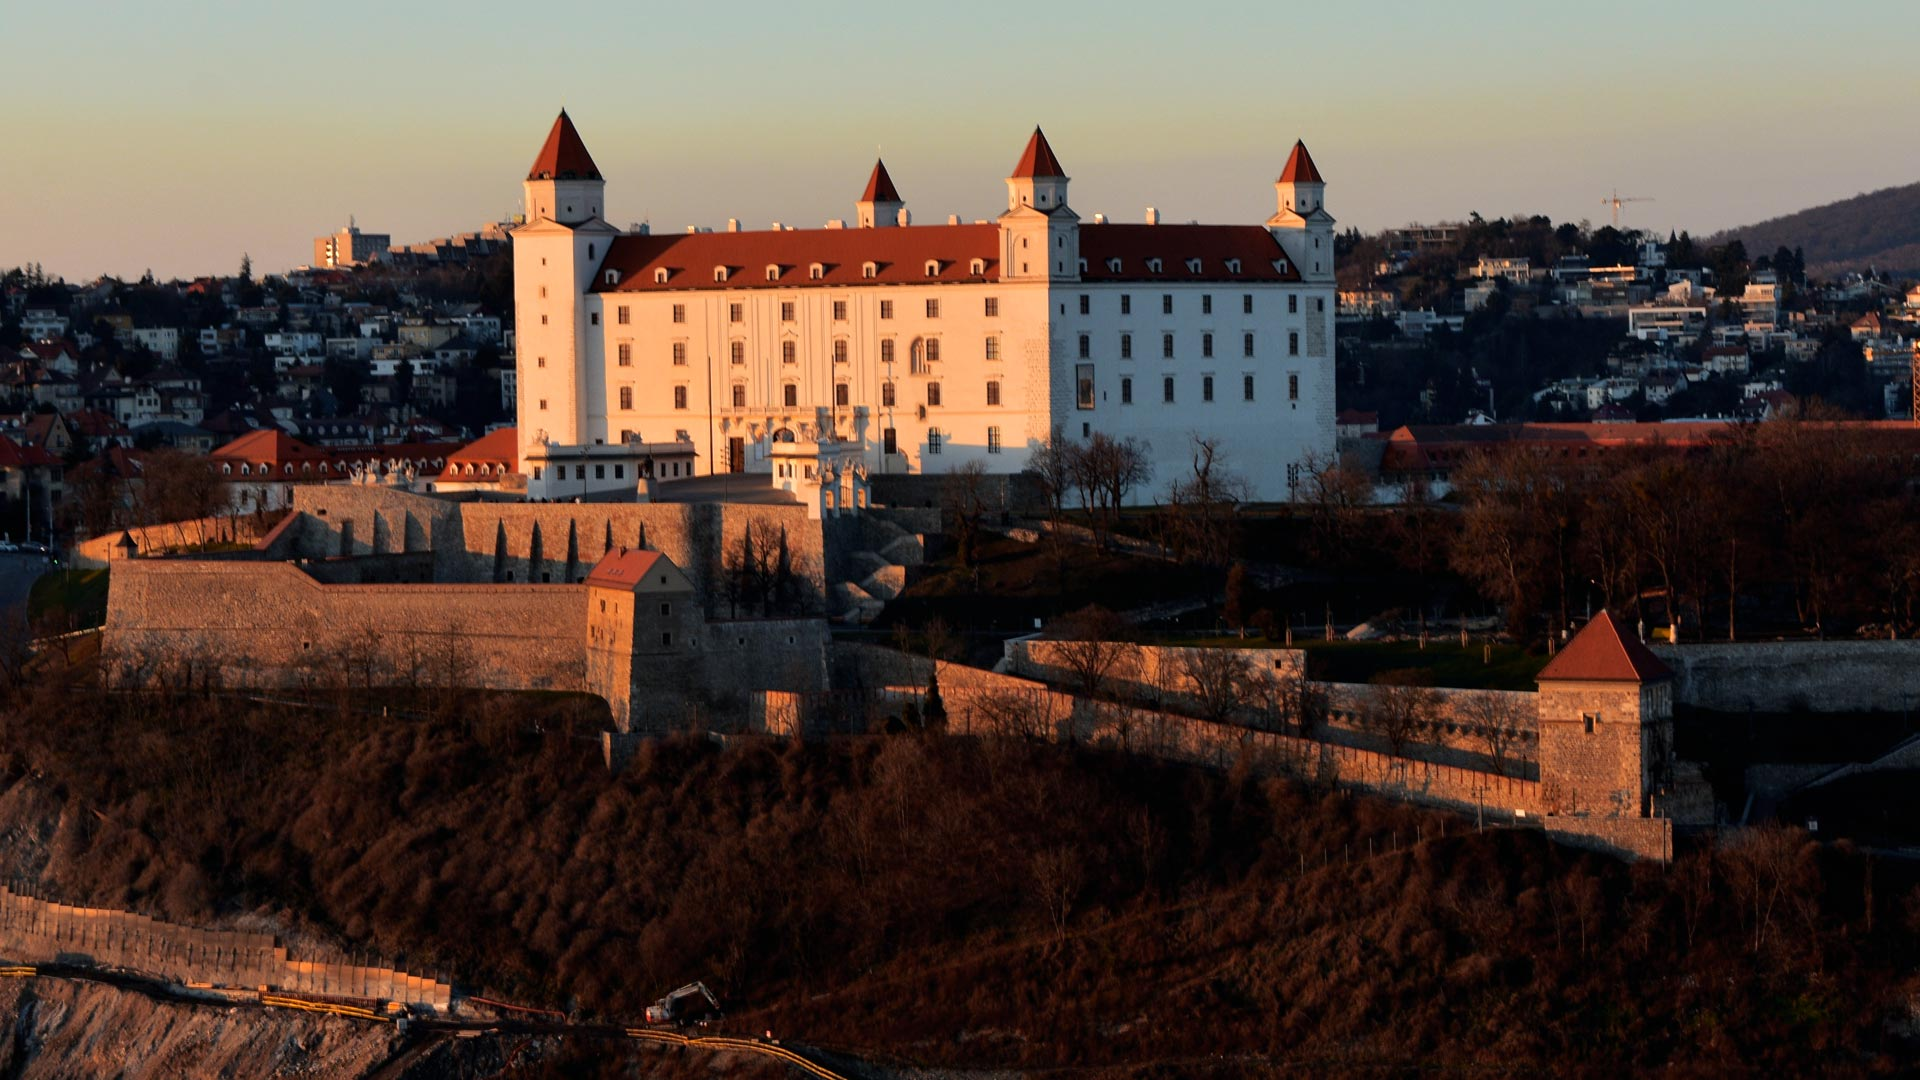 Dni wolne i święta na Słowacji w 2020 roku